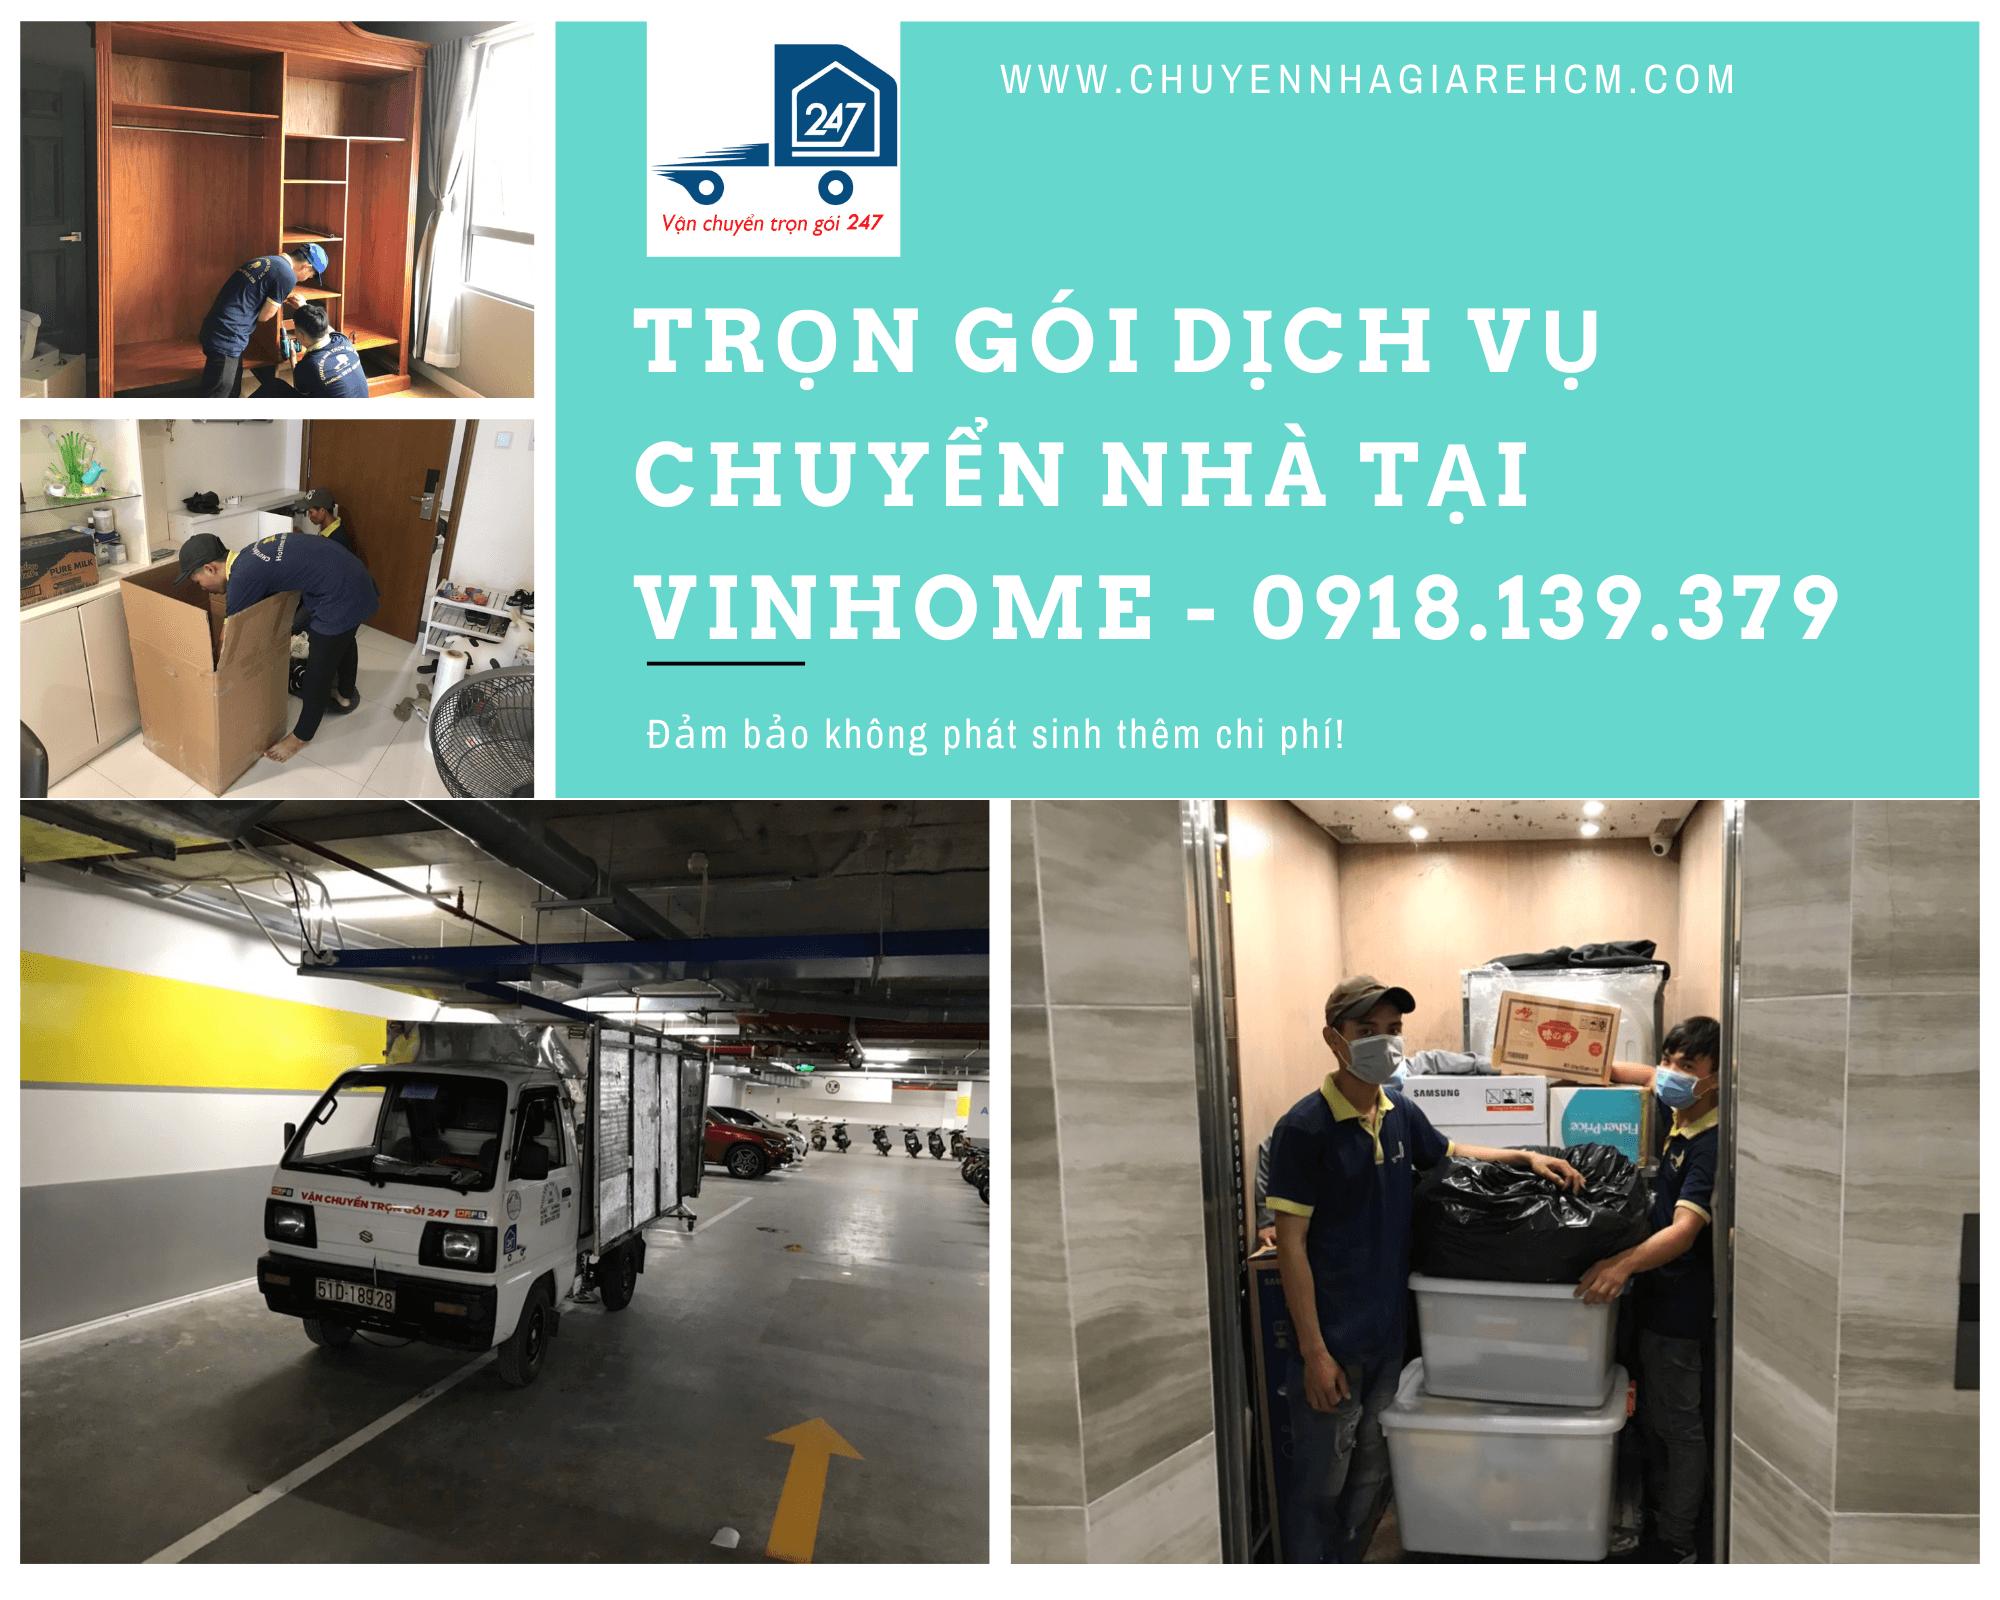 dịch vụ chuyển nhà tại vinhome quận 9